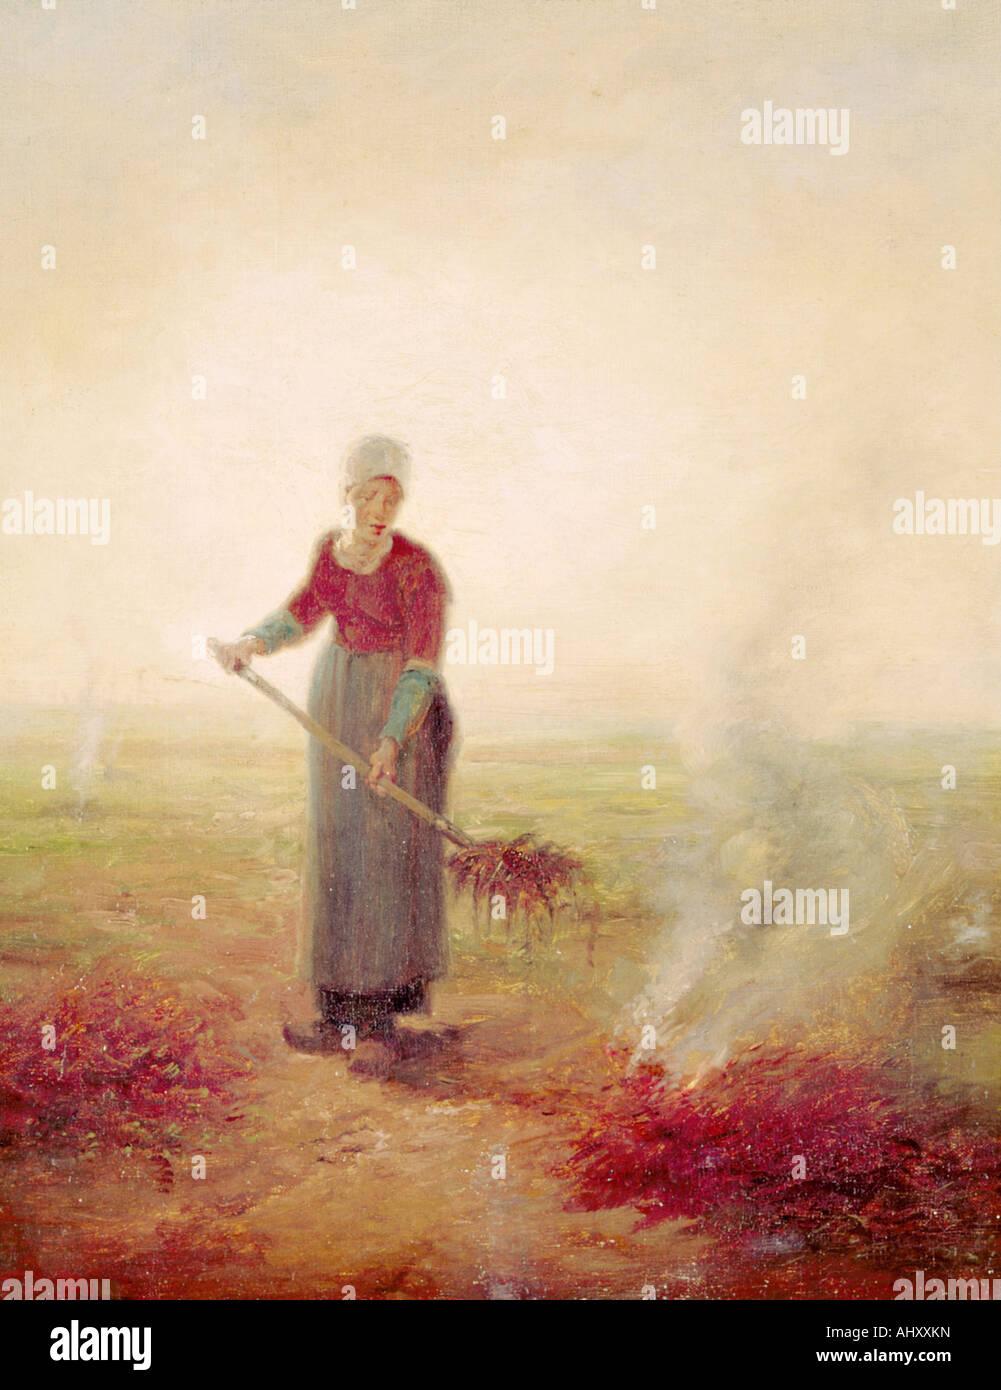 Bildende Kunst, Hirse, Jean-Francois (1814-1875), Malerei, junge Bauernmädchen, Musée d' Kunst et d' Histoire, Genf, Französisch, Realismus, Stockfoto